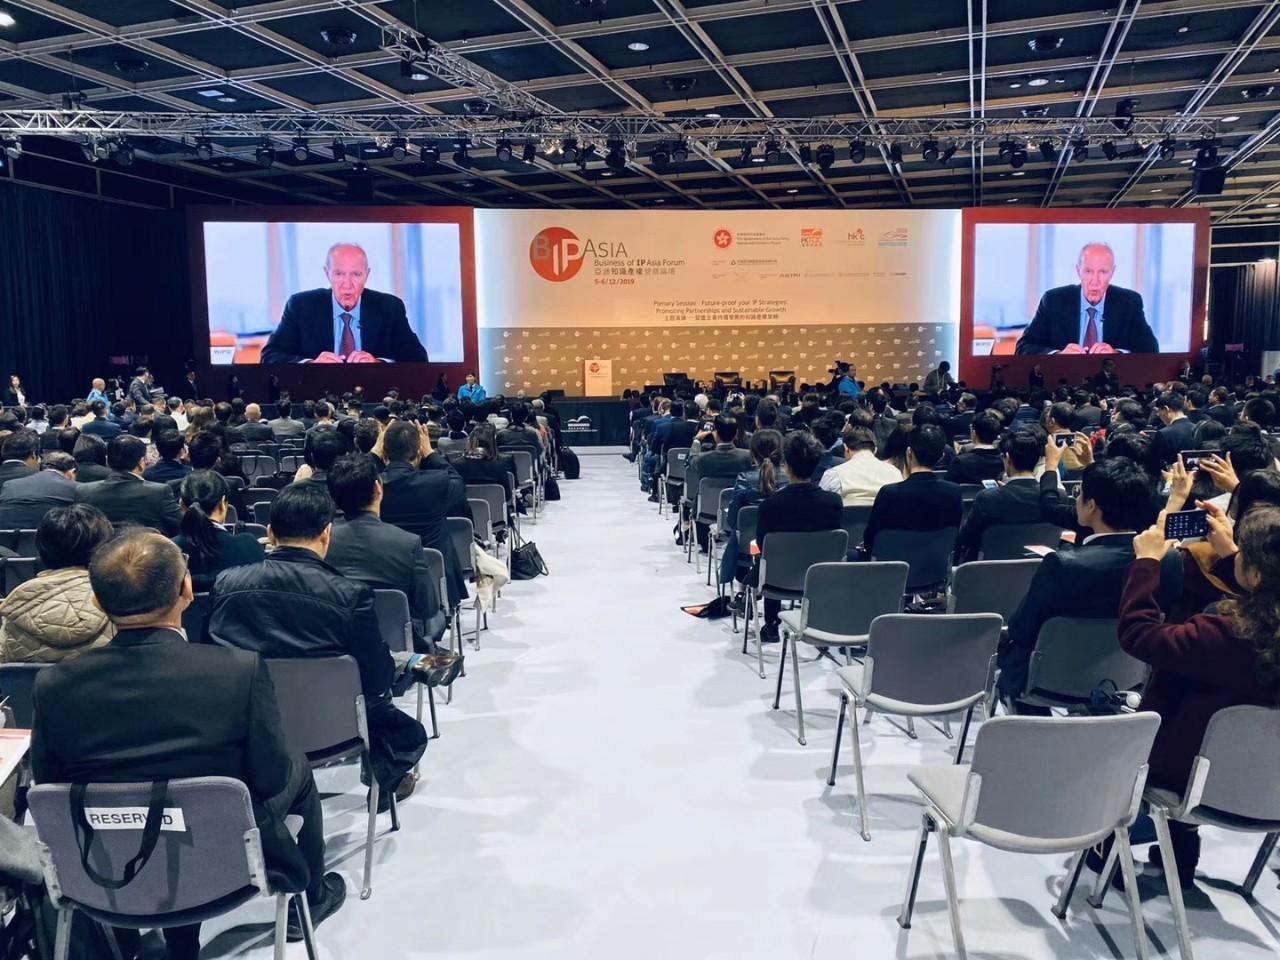 亚洲知识产权营商论坛12月5日开幕,逾70位环球专家聚首分享经验